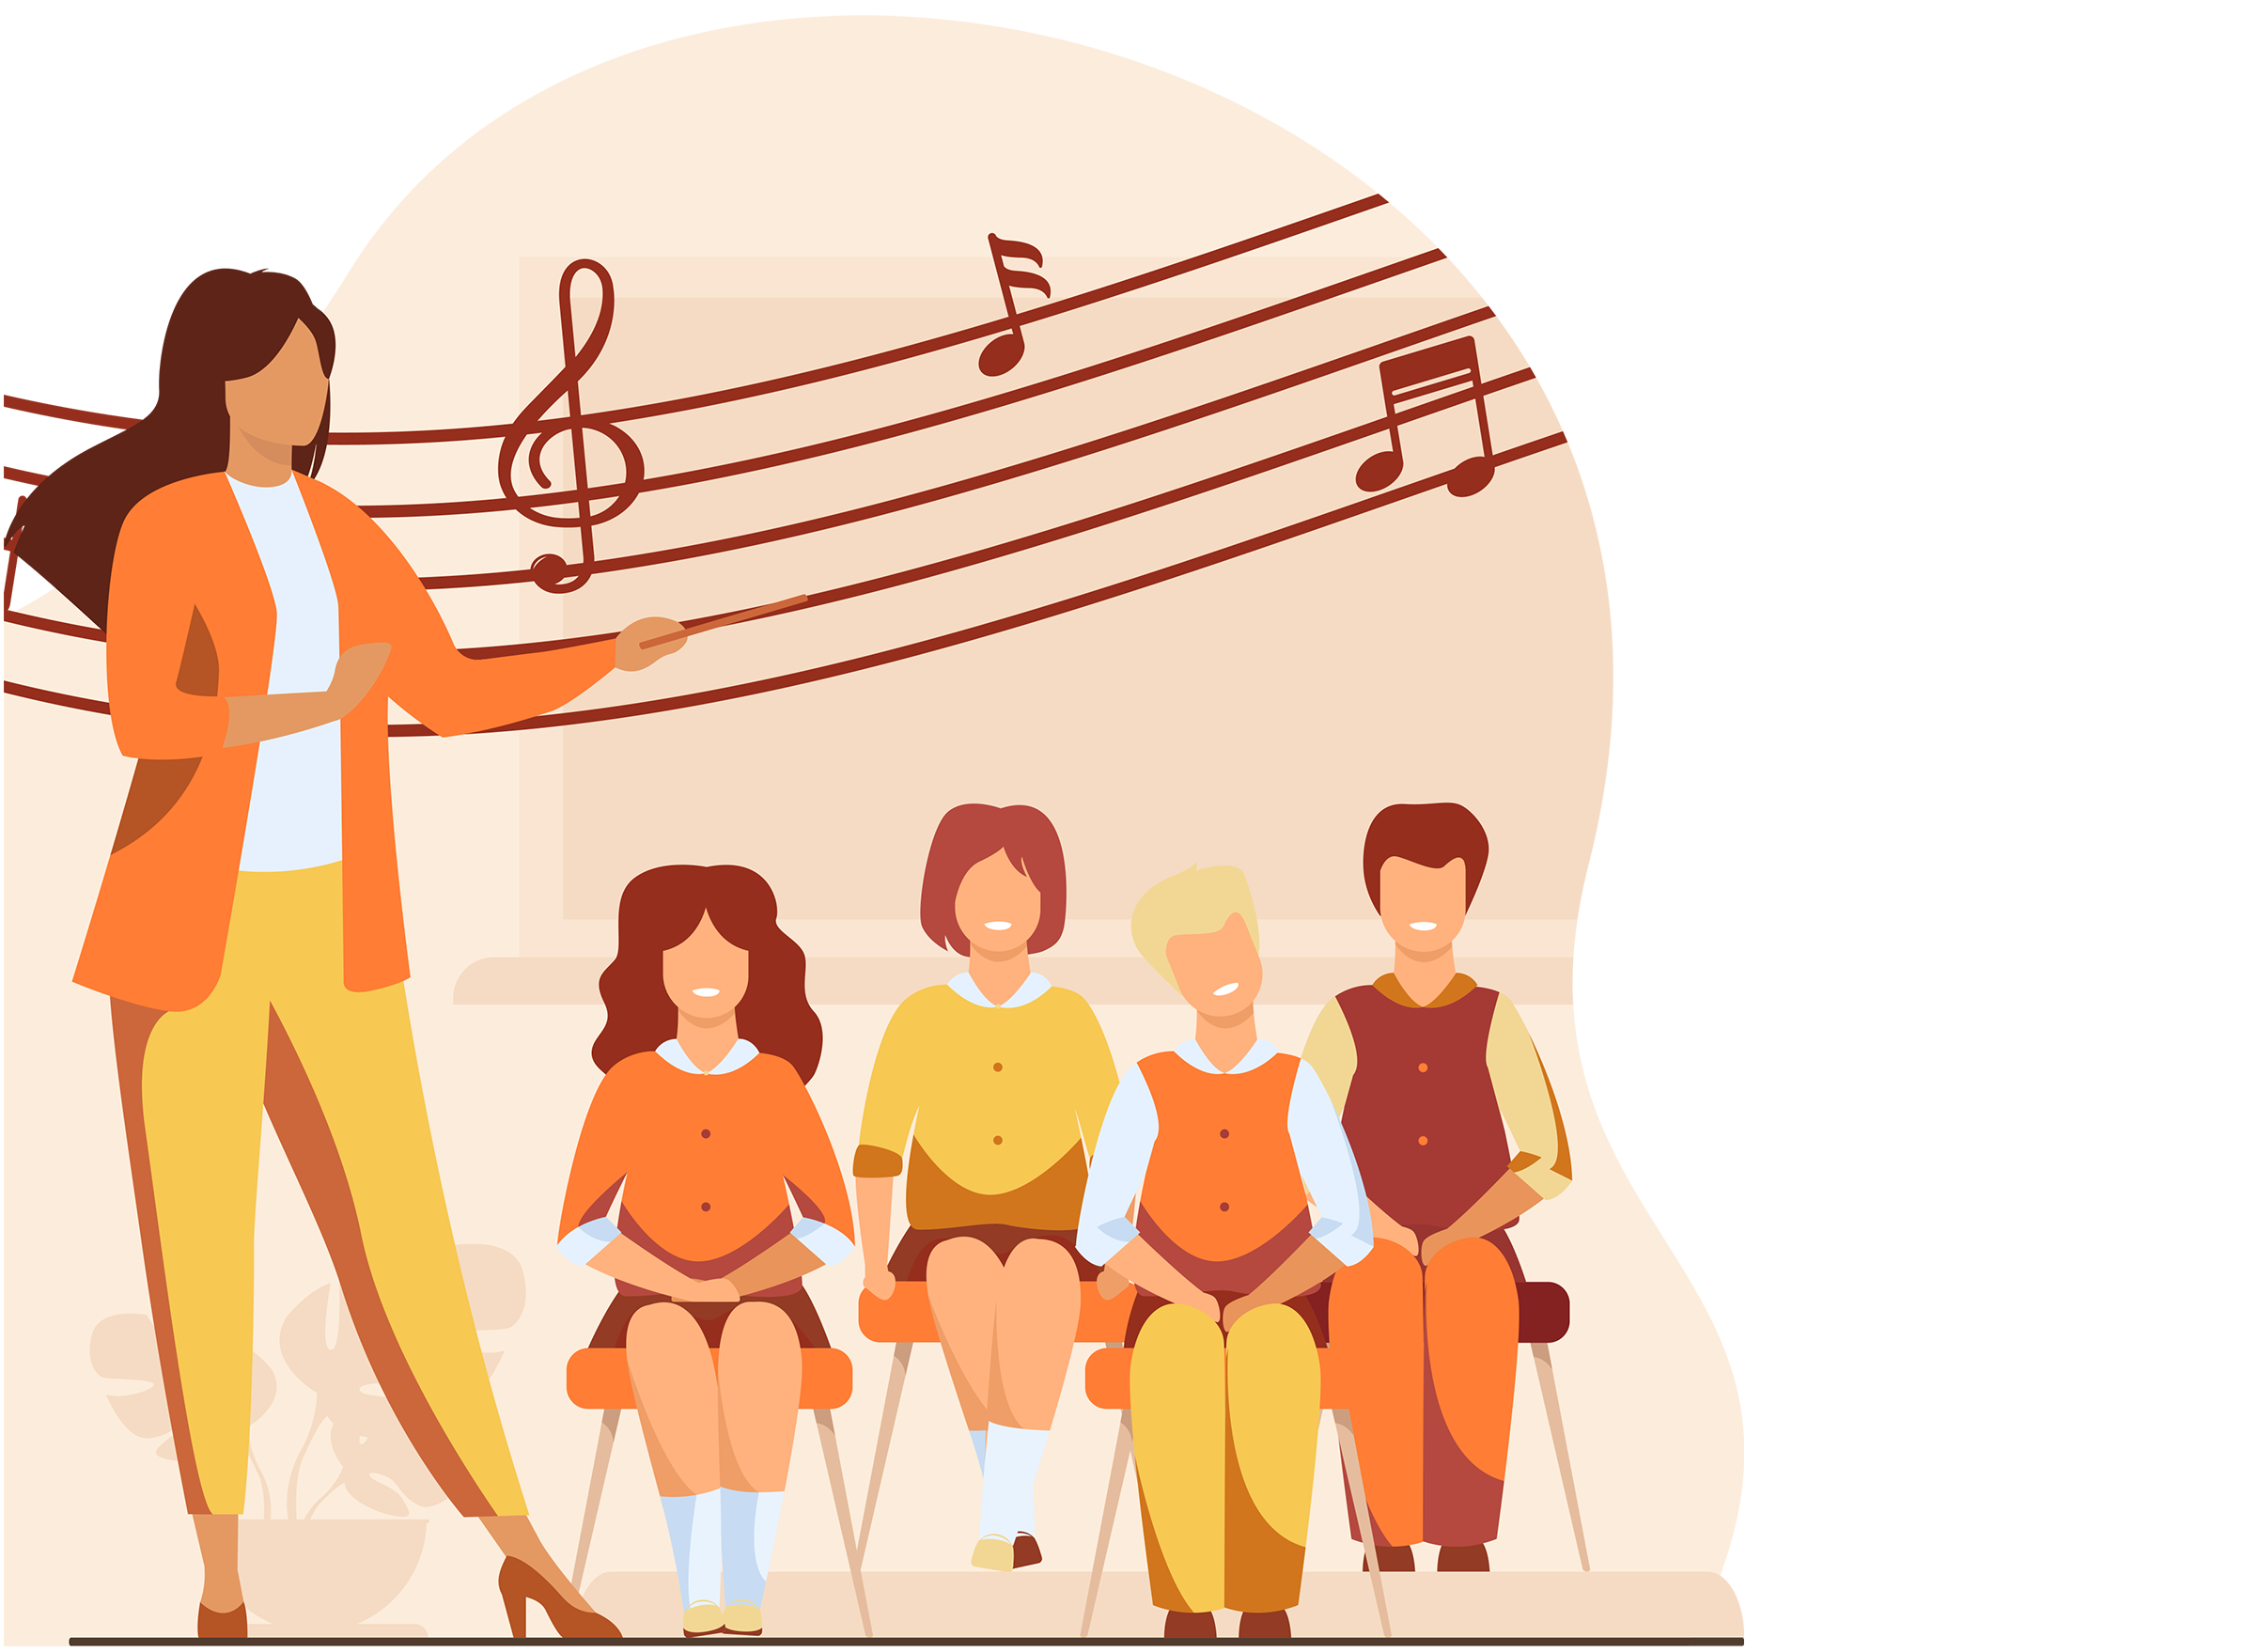 Aulas de musica grande